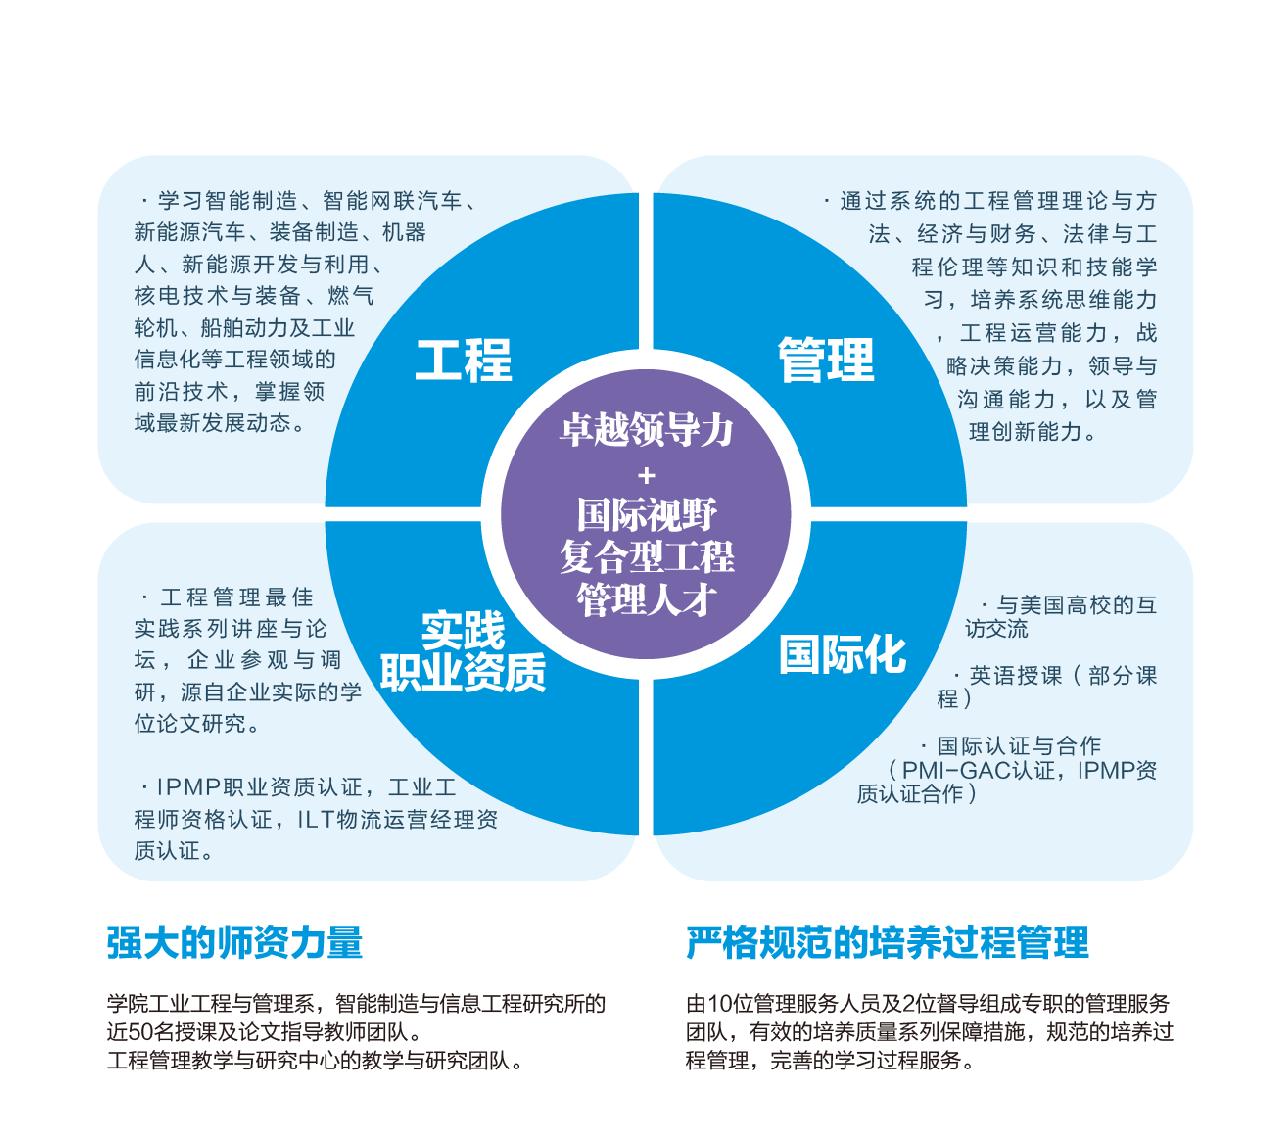 2019年上海交大工程管理硕士 (MEM) 招生与培养简介